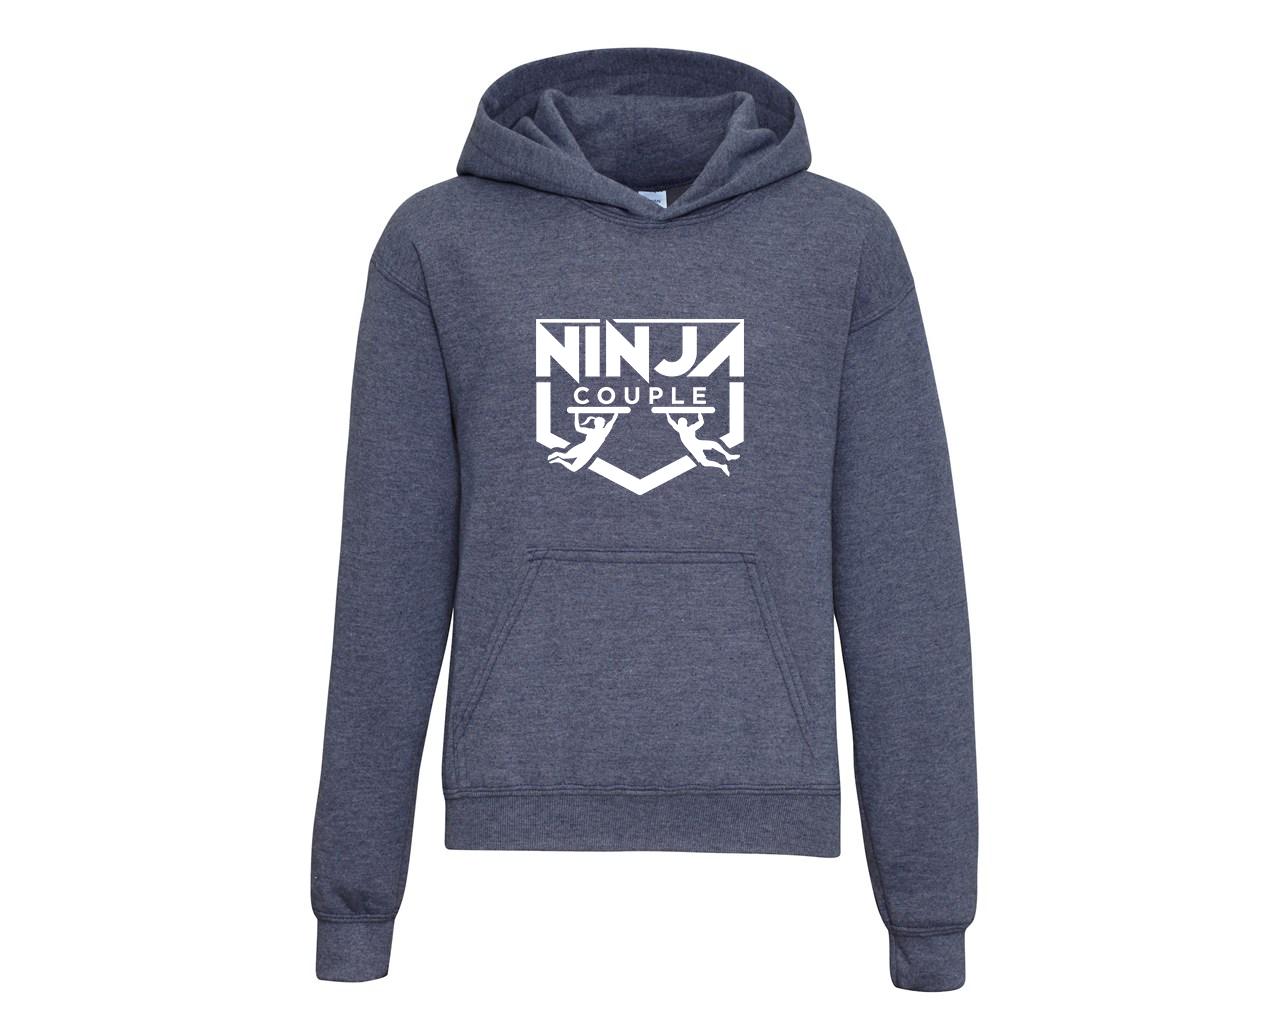 Ninja Couple Kidshoodie